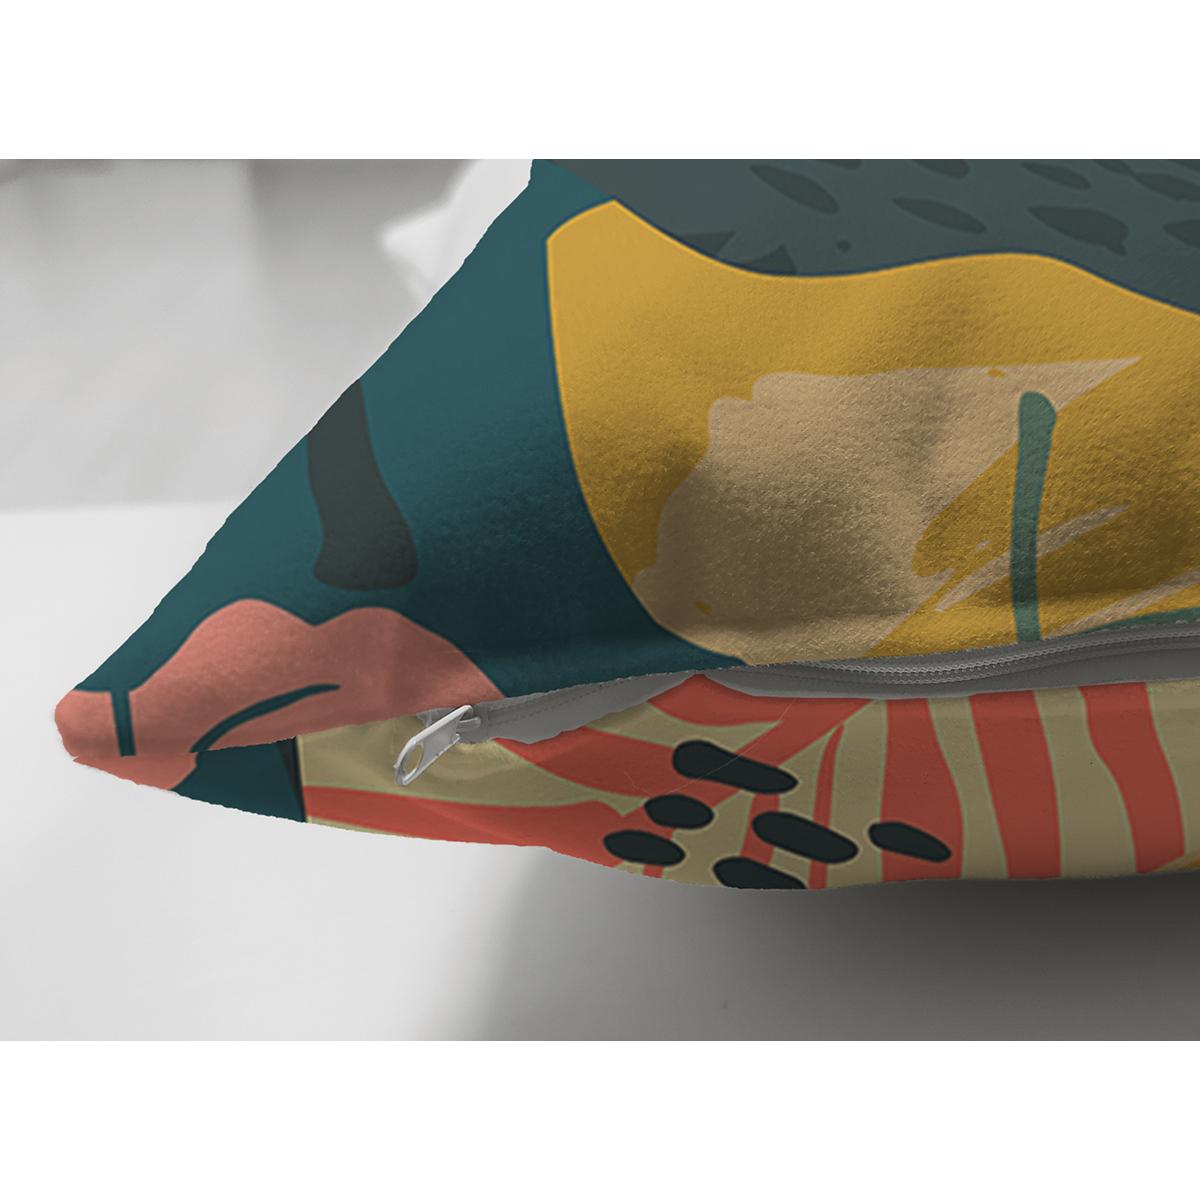 Çift Taraflı Renkli Zeminli Koyu Renkli Yapraklar Dijital Baskılı Modern Süet Yastık Kırlent Kılıfı Realhomes